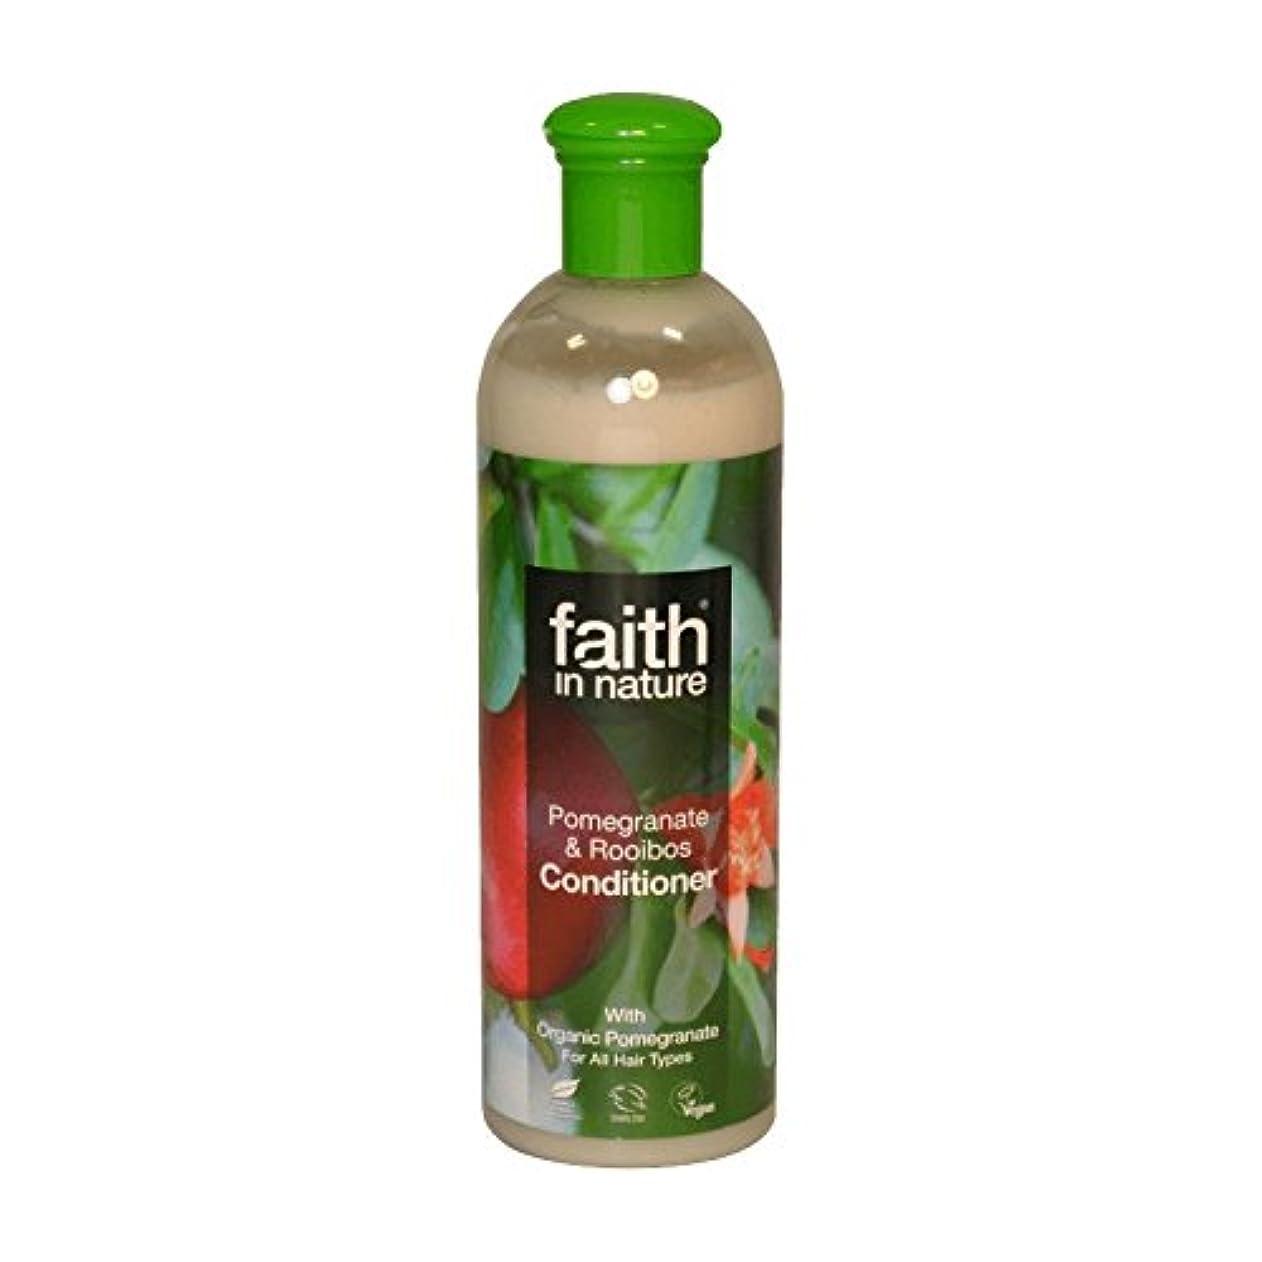 オート普通に地雷原Faith in Nature Pomegranate & Roobios Conditioner 400ml (Pack of 2) - 自然ザクロ&Roobiosコンディショナー400ミリリットルの信仰 (x2) [並行輸入品]